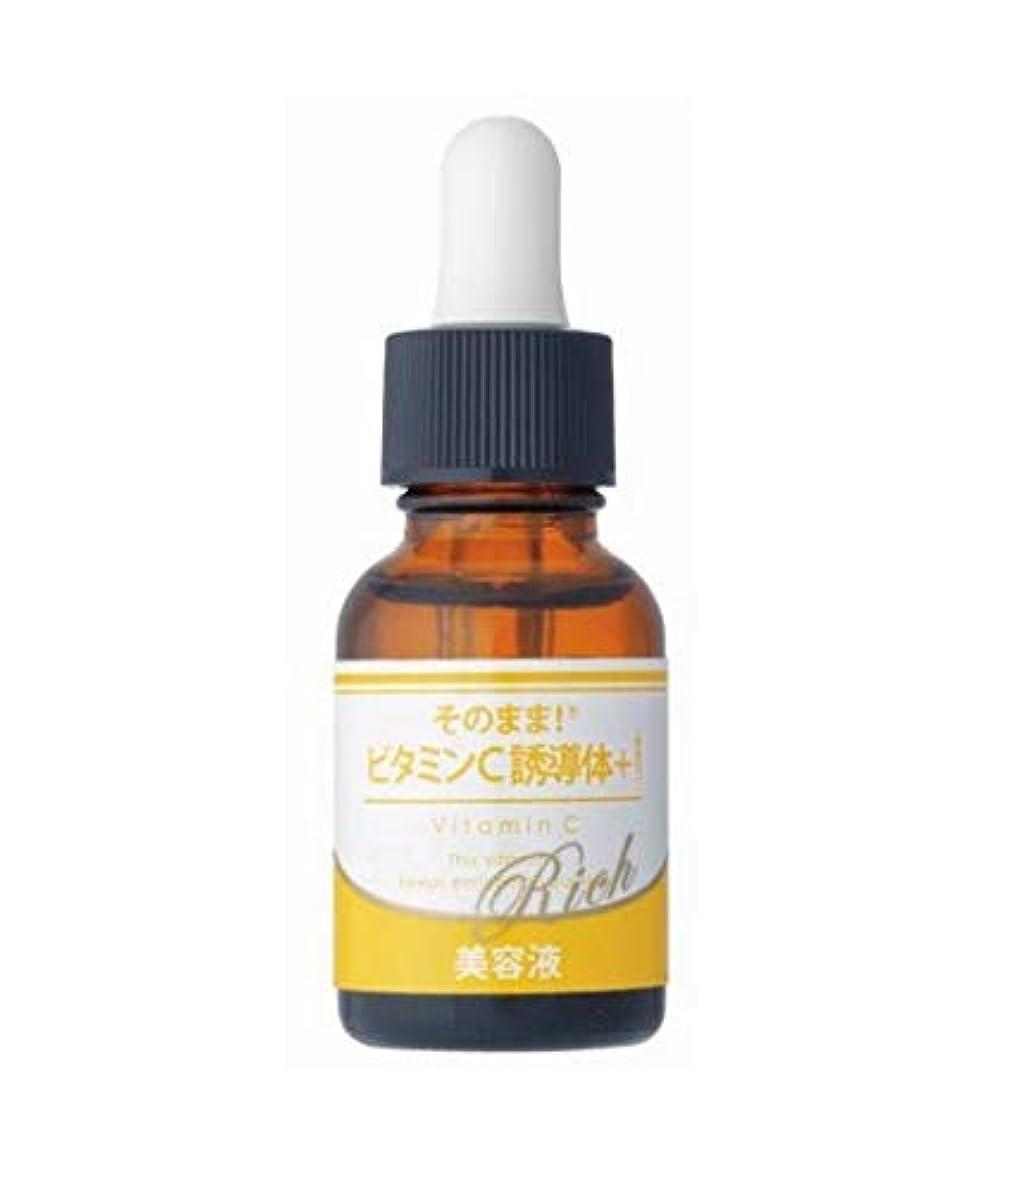 注入する進化する何もない【日本製】そのまま! ビタミンC誘導体+リッチ 20mL 美容液スキンケア 肌 美肌 化粧水 美容 ビタミンC